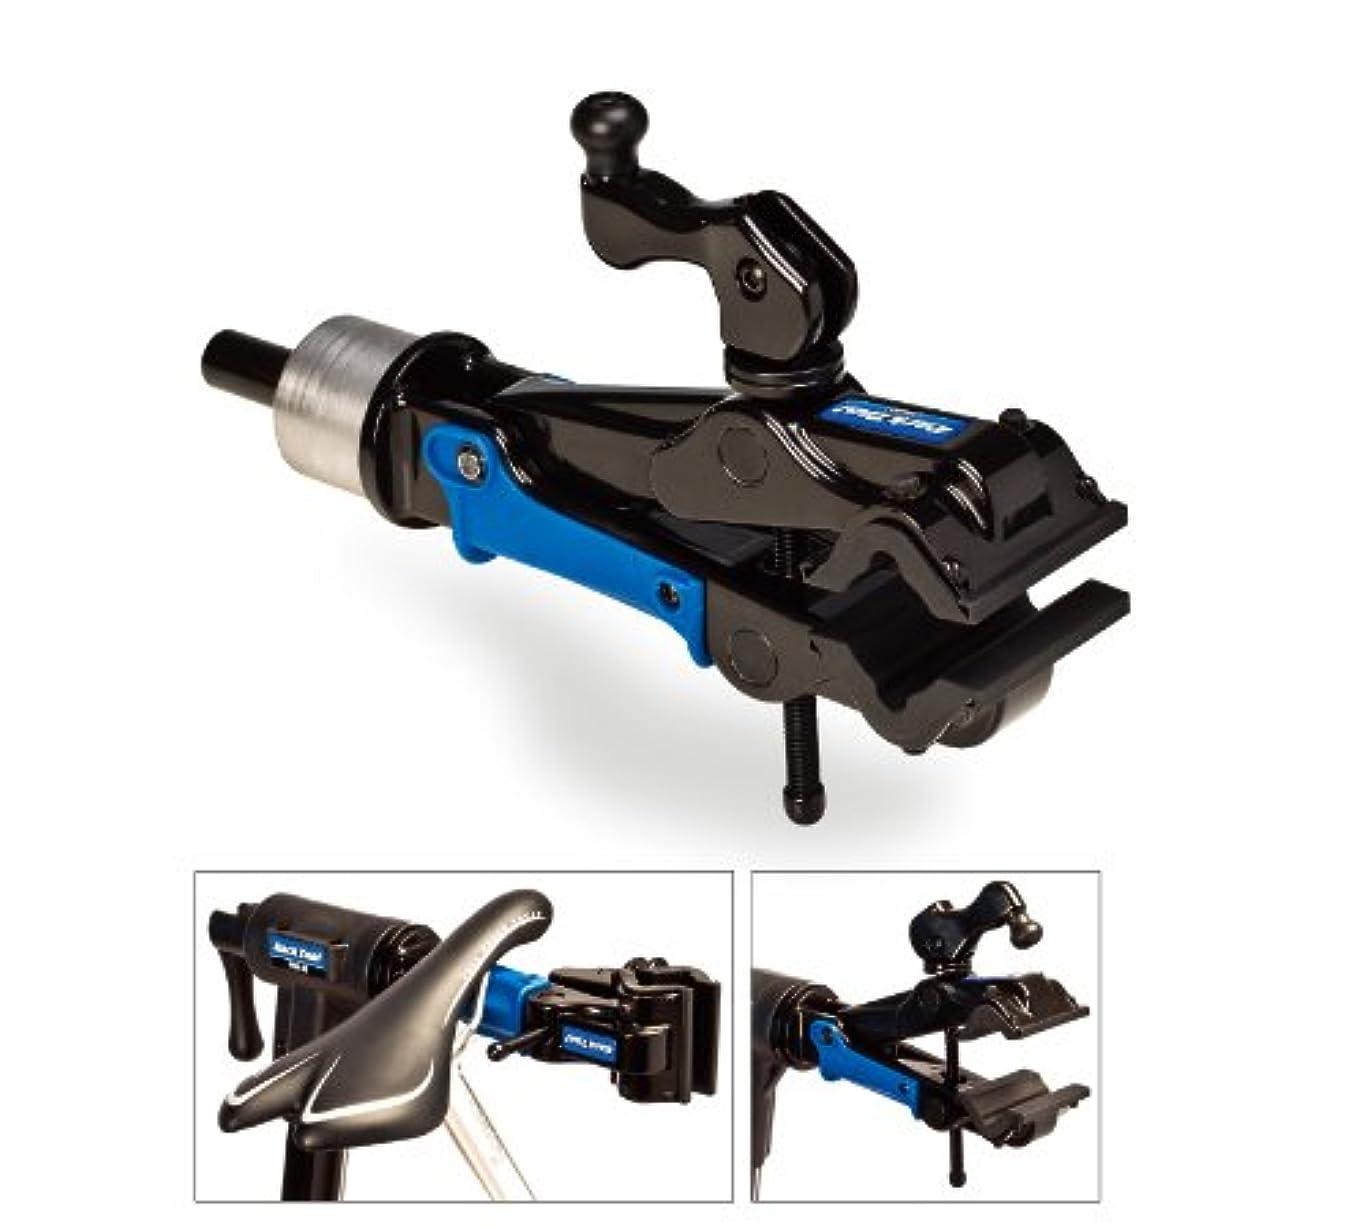 ポータル混合した強度Park Tool クランプ ( リペアスタンド ) ParkTool パークツール *100-5D